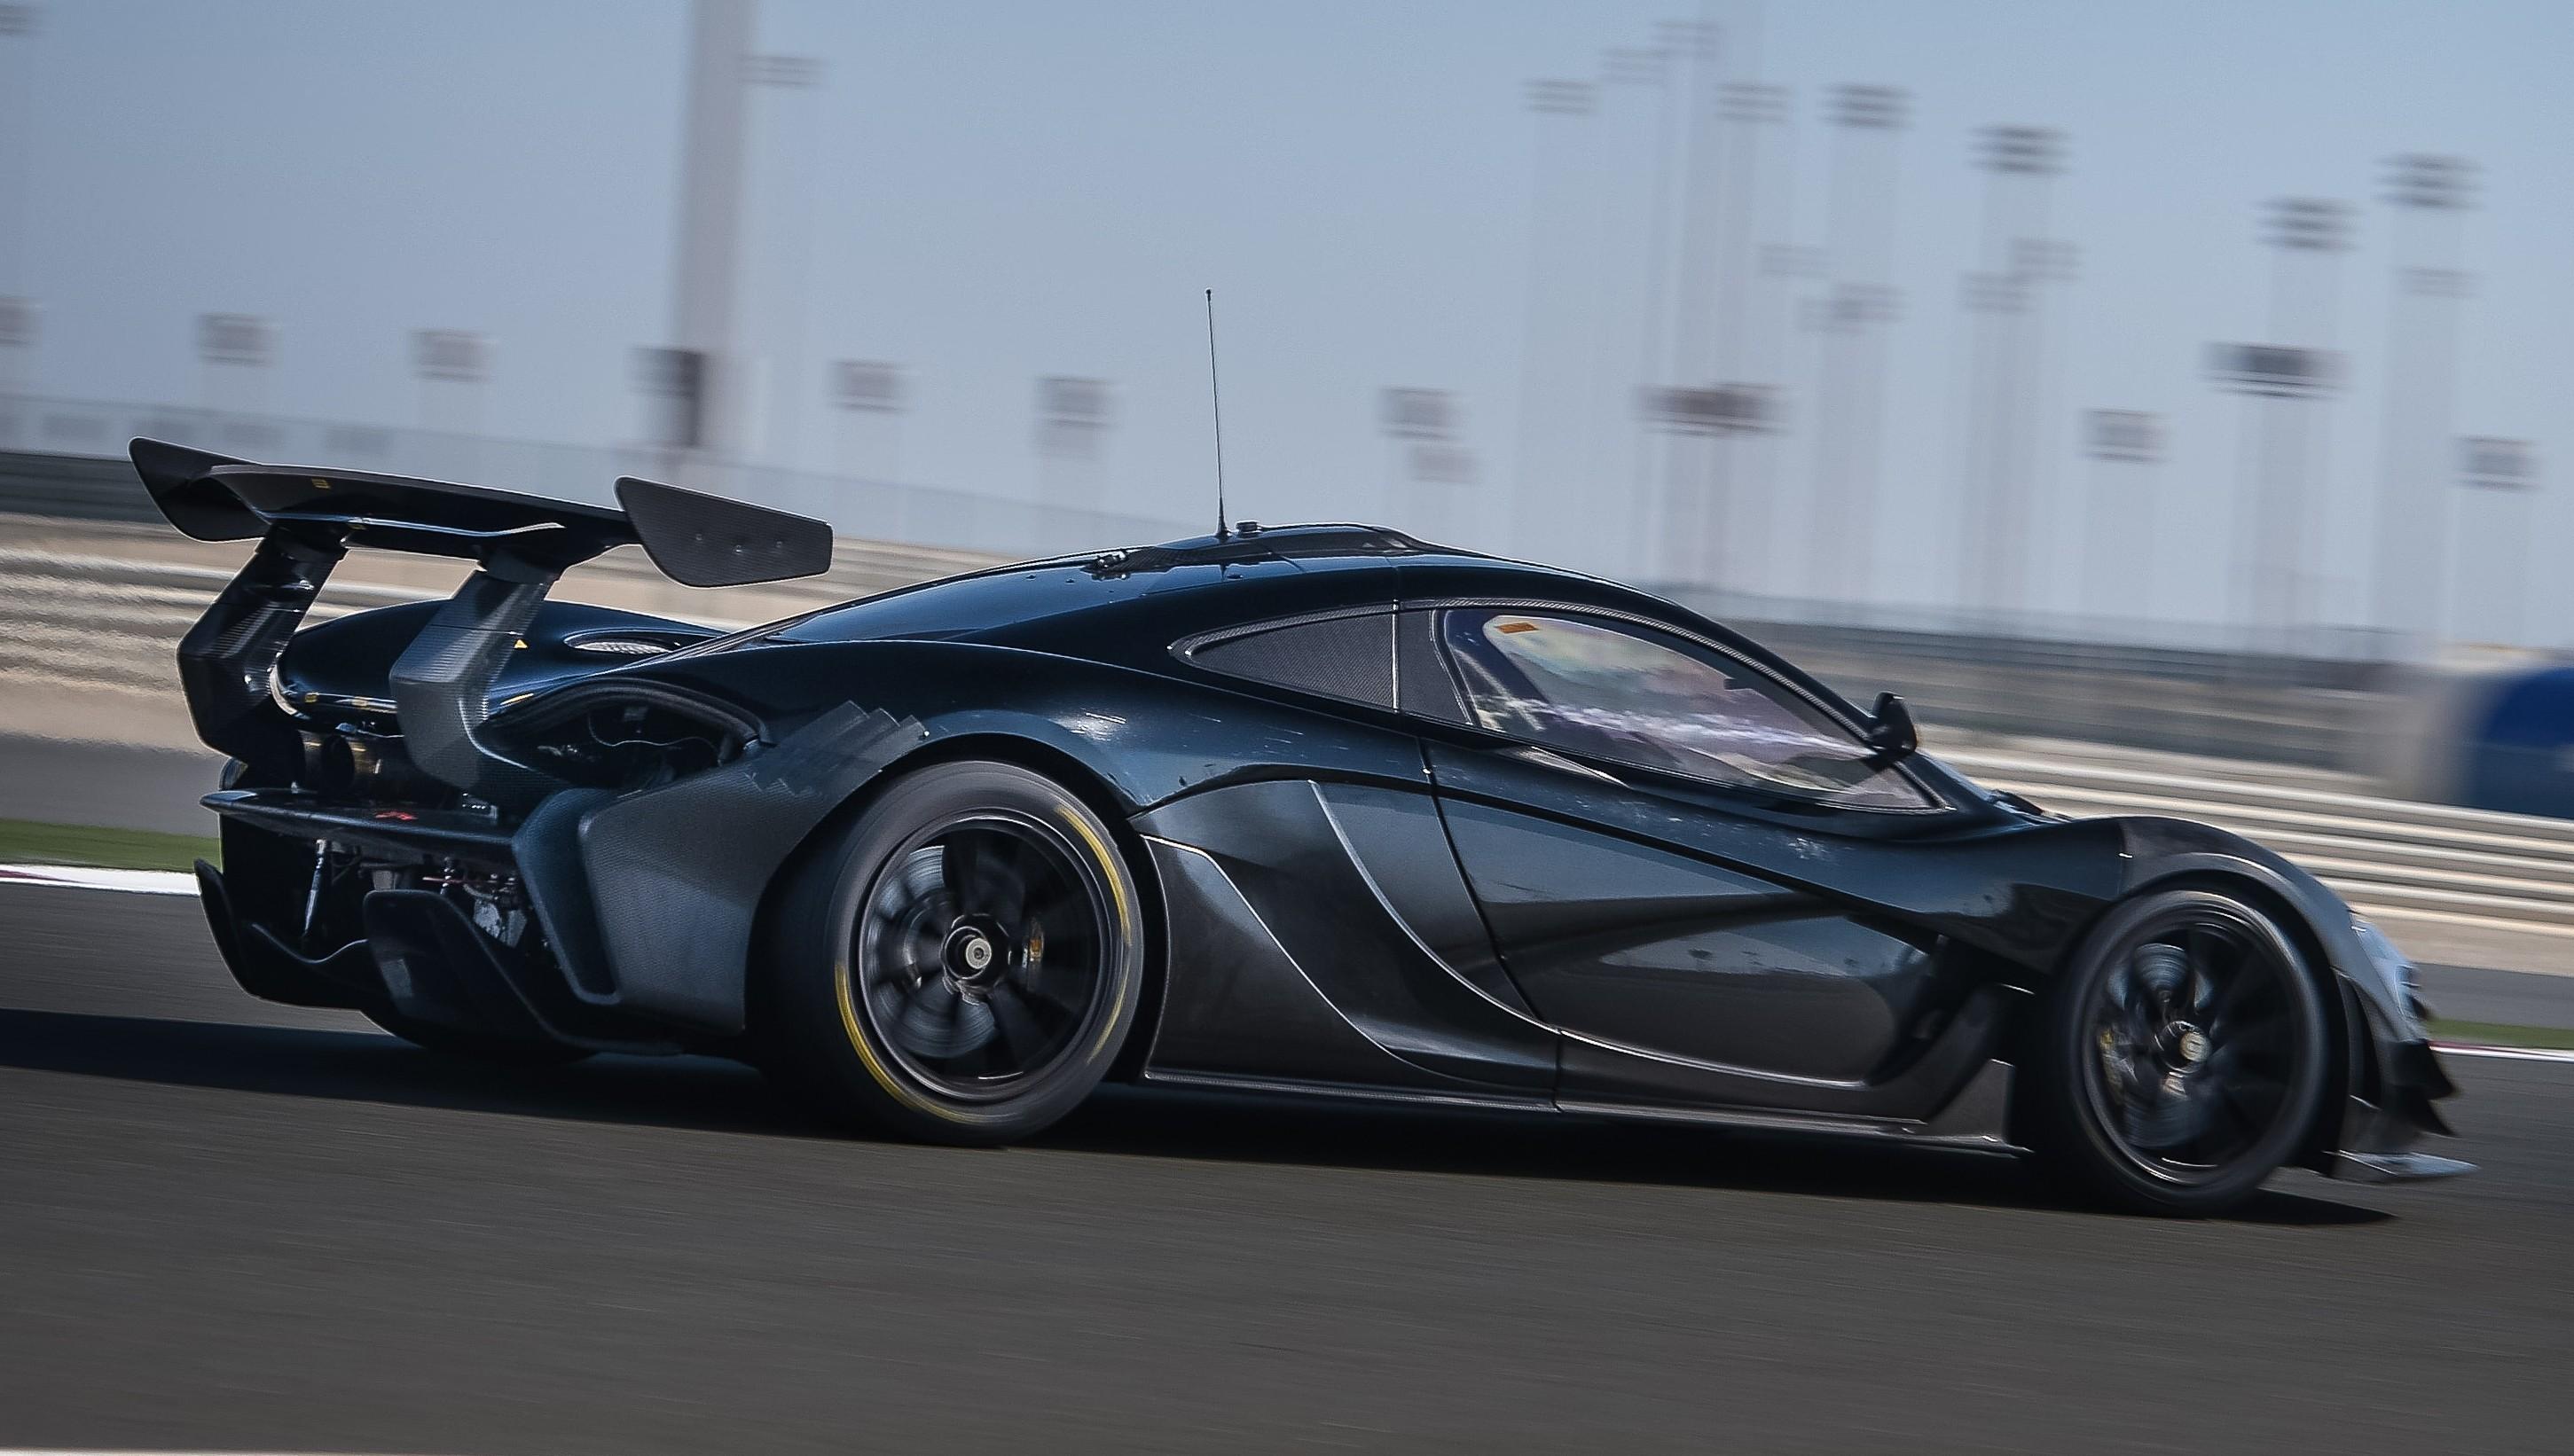 McLaren P1 GTR – production track monster teased Image 304582